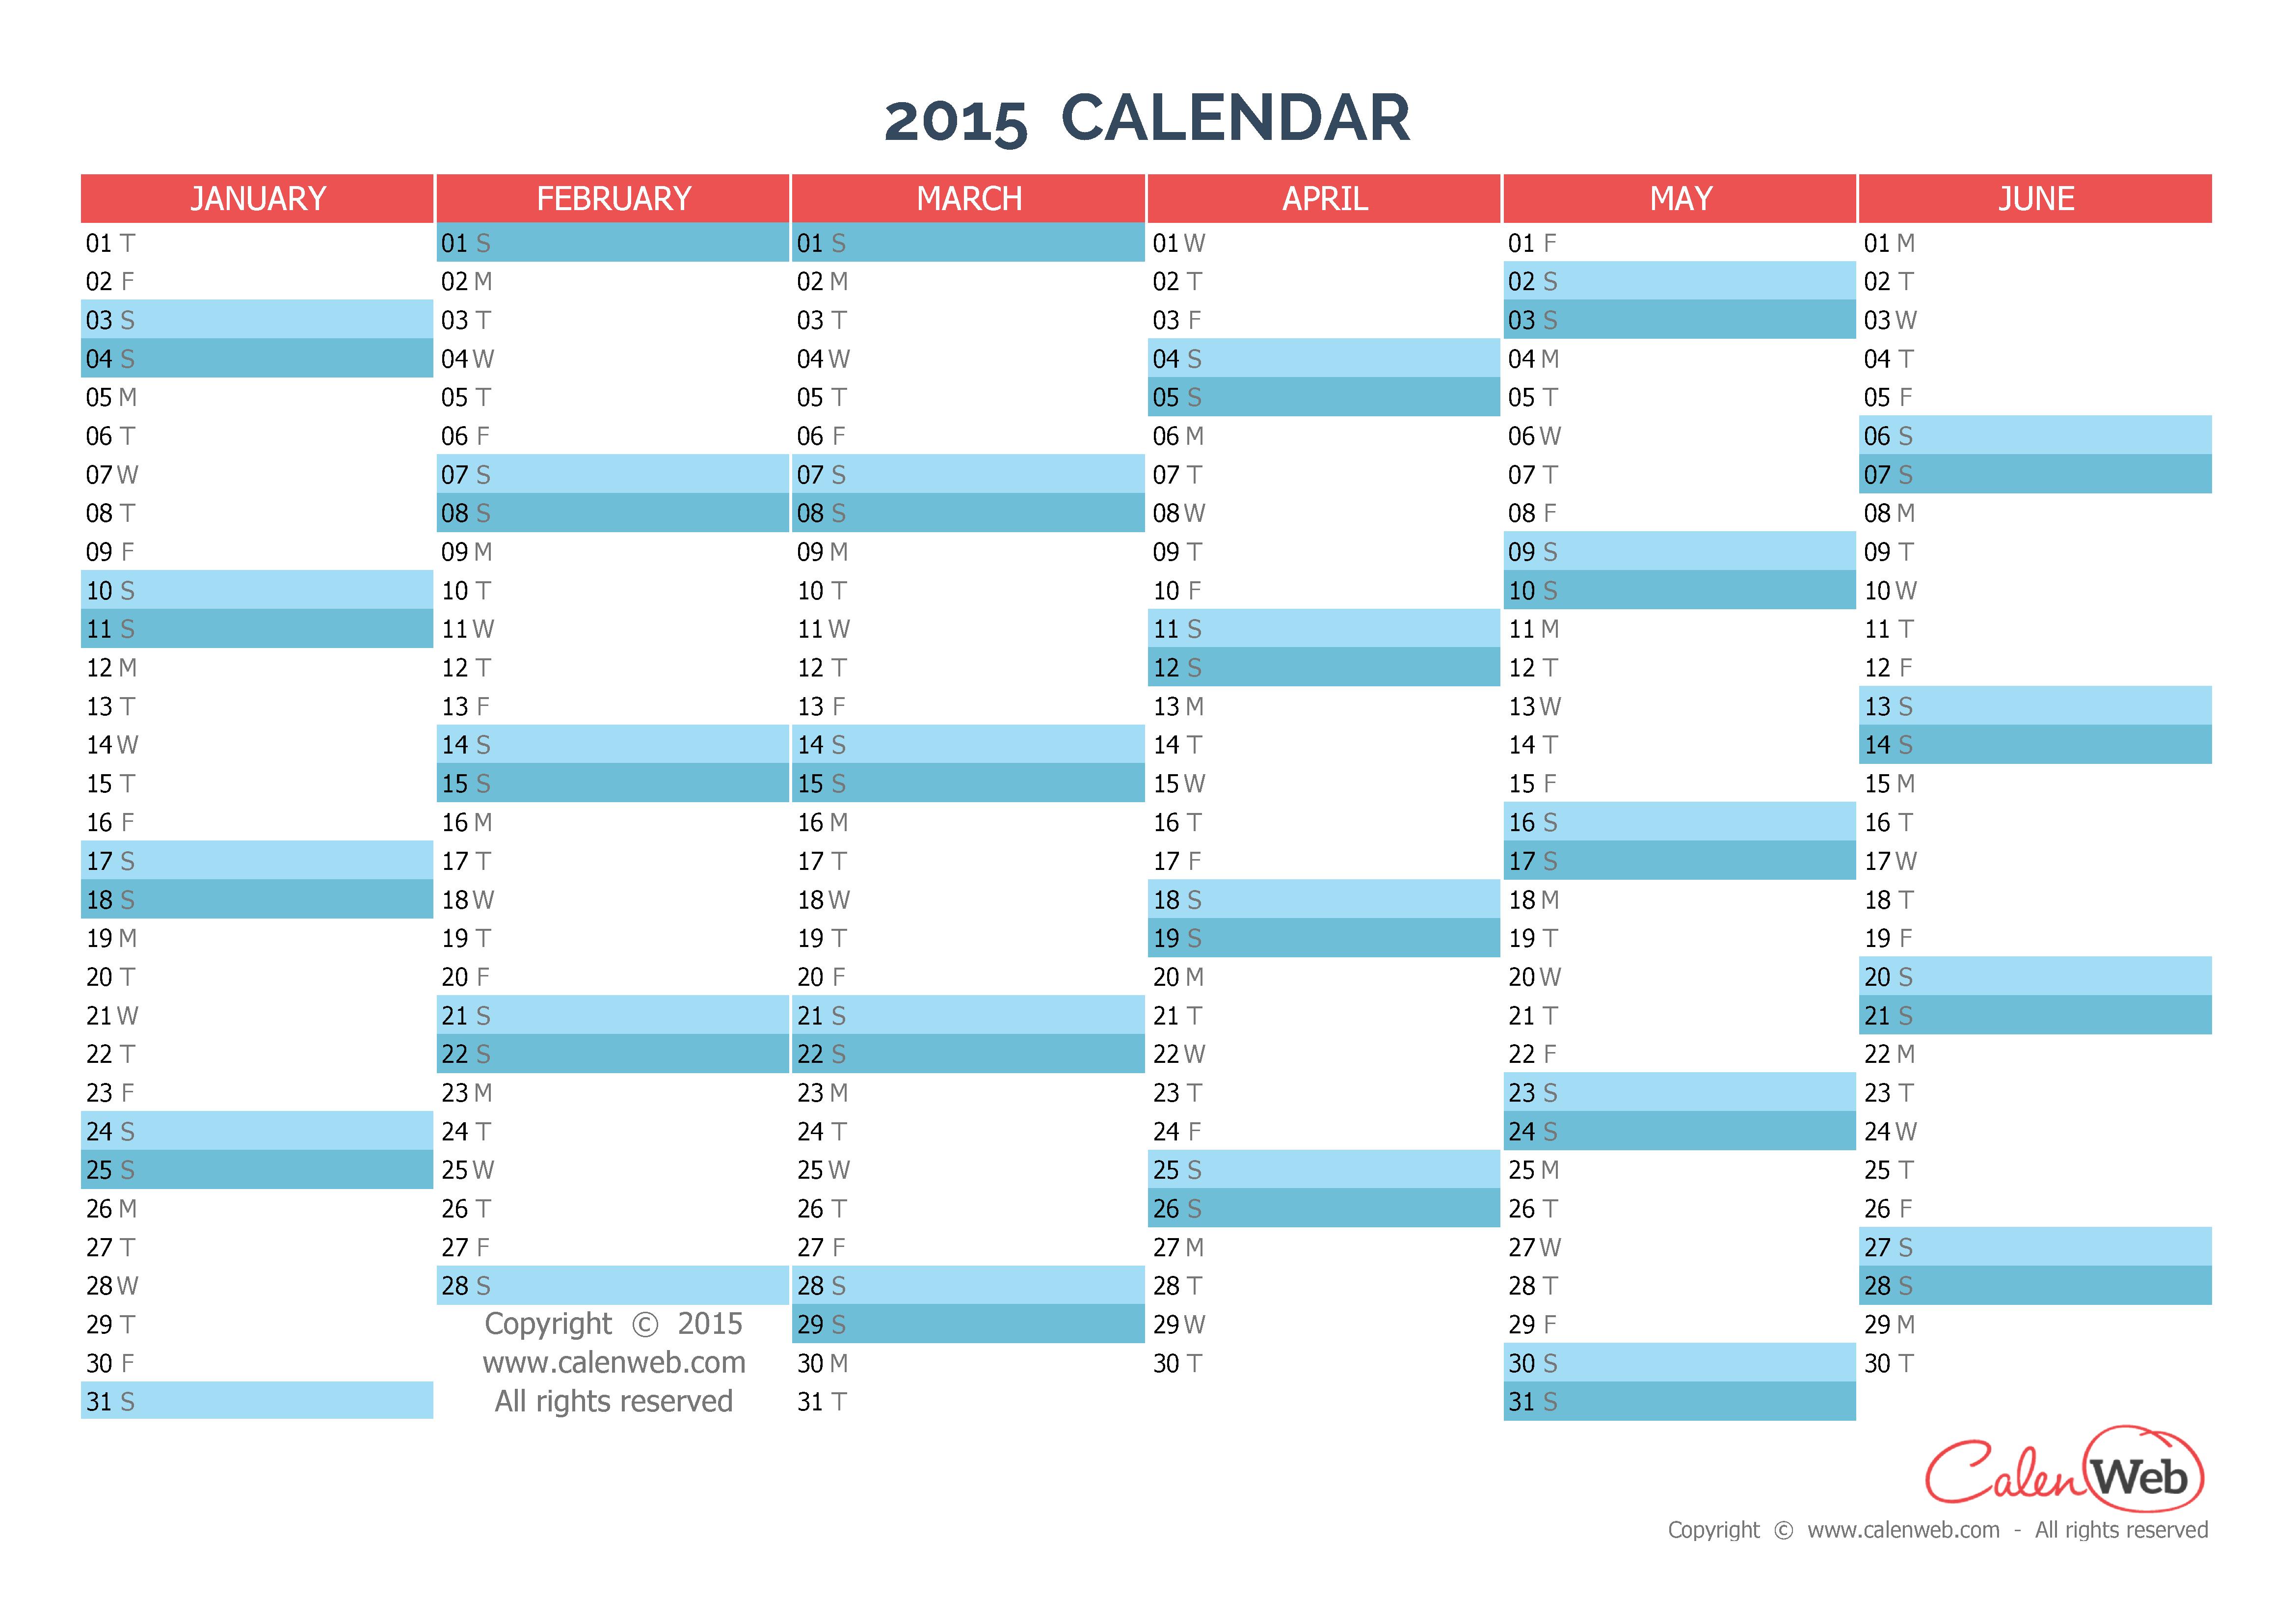 Semiannual calendar - Year 2015 Semiannual horizontal